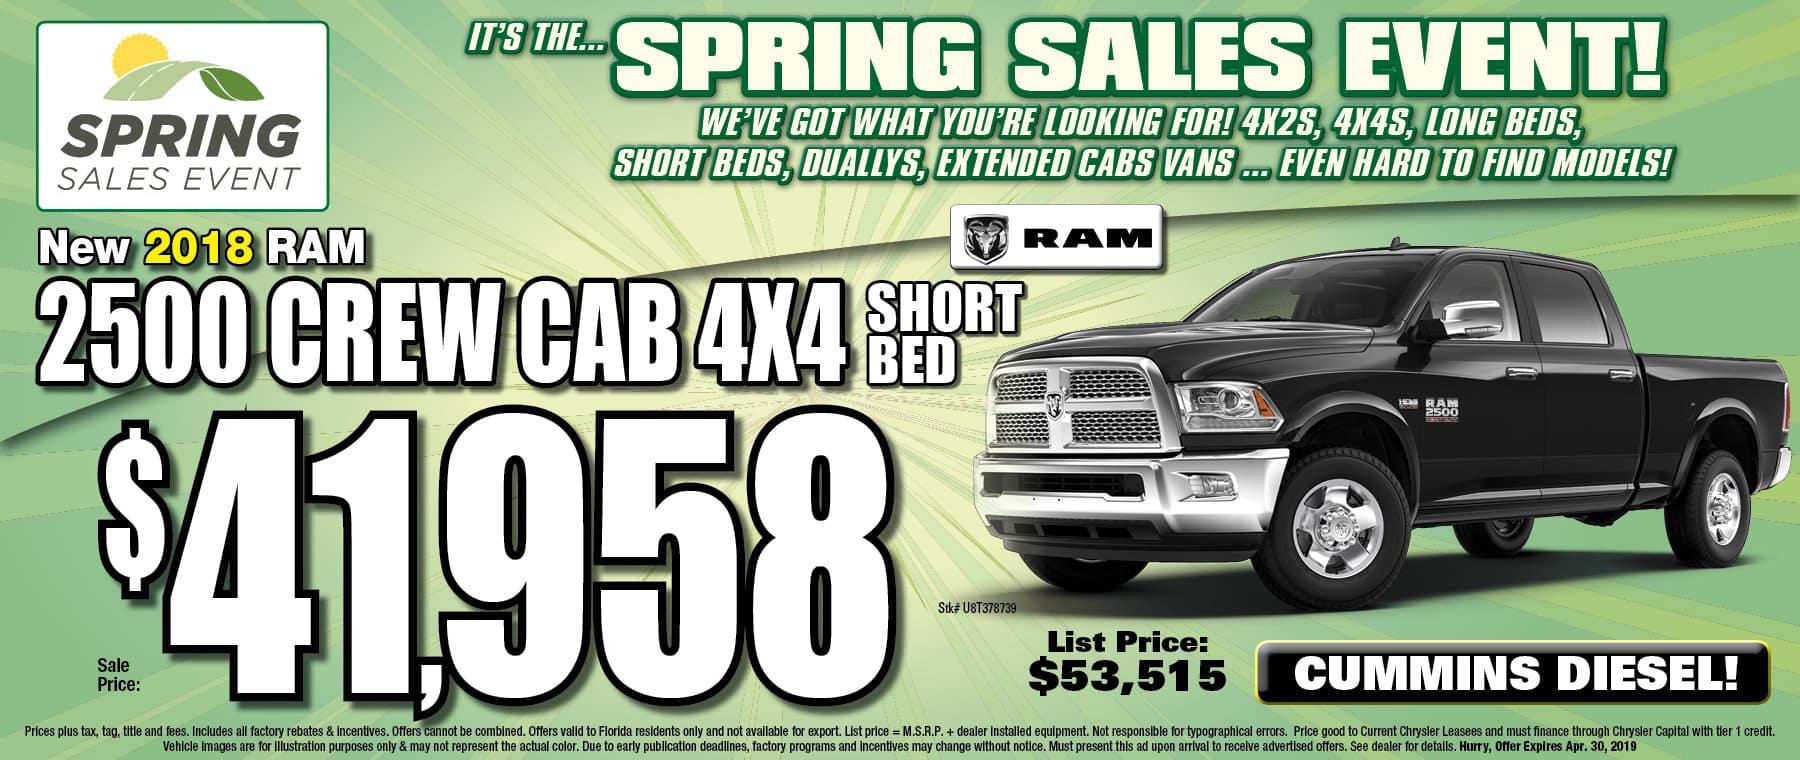 Ram 2500 Crew Cab!